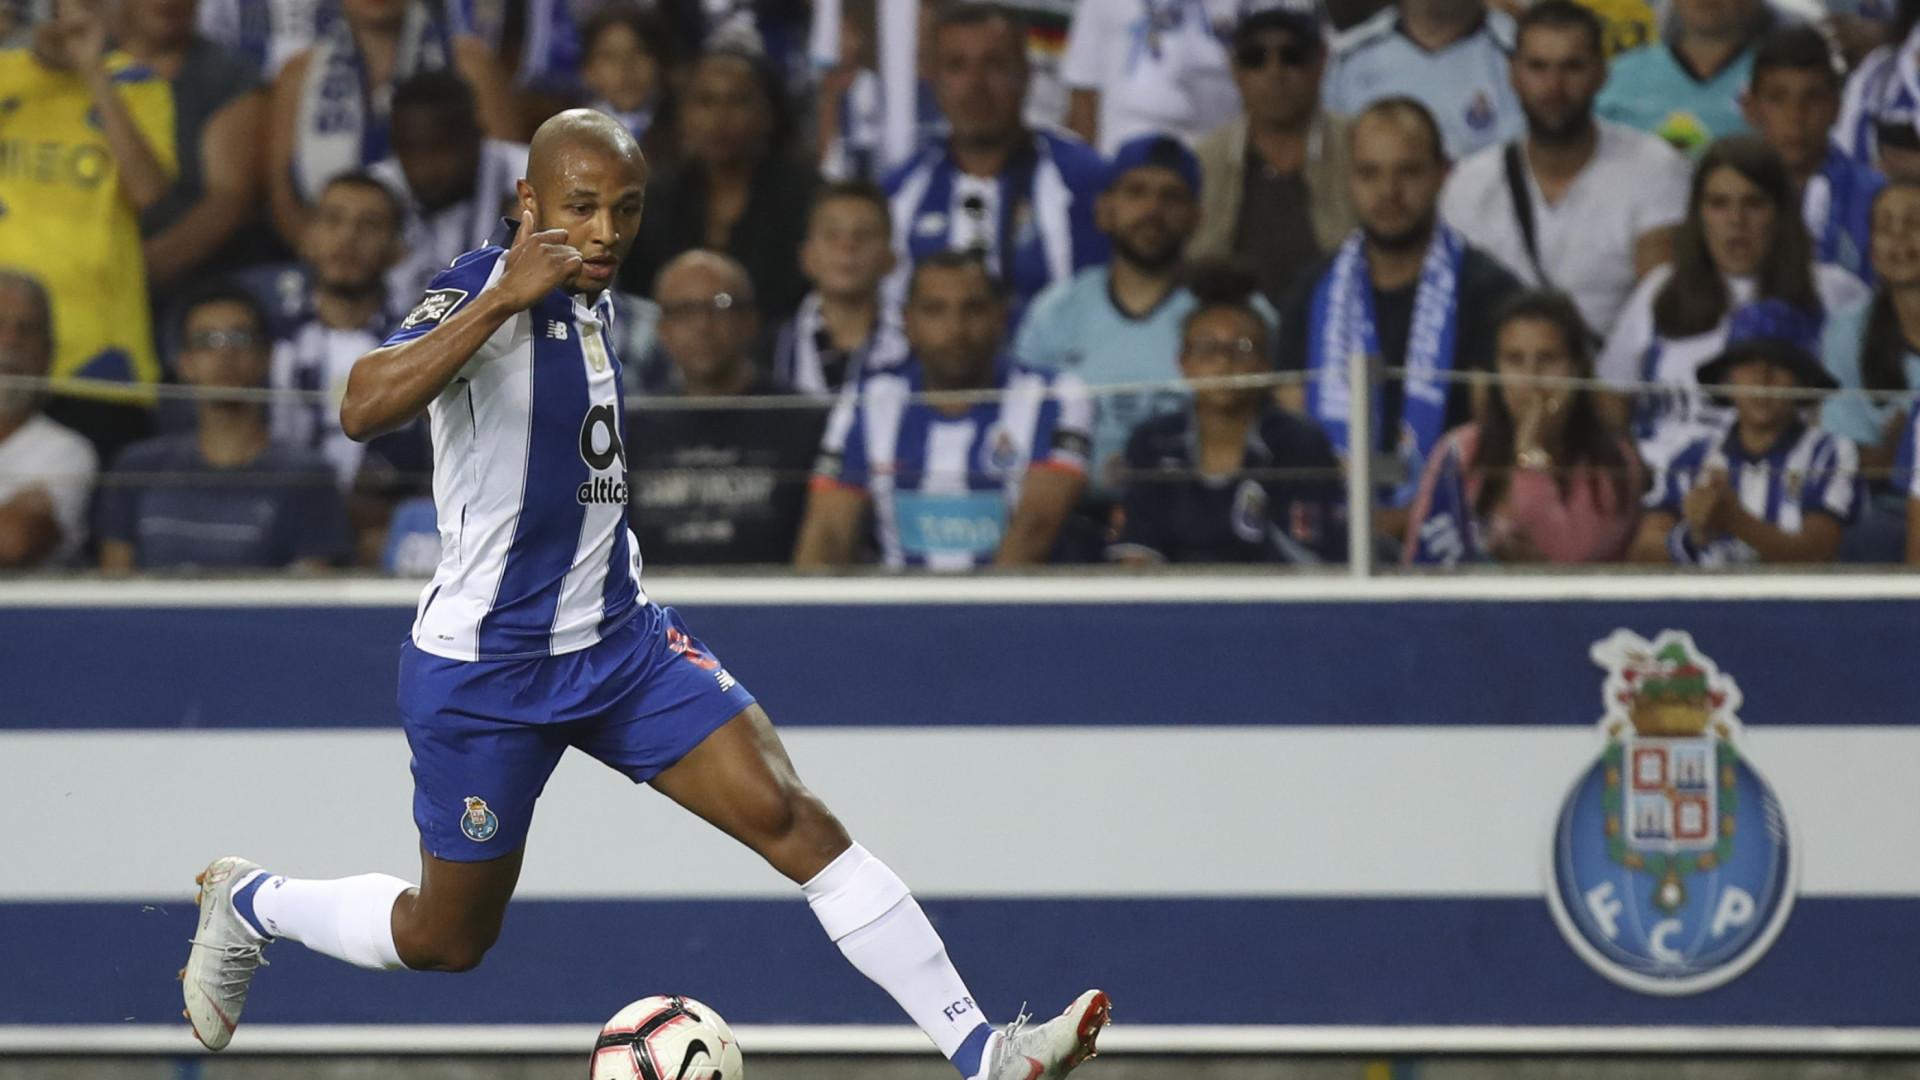 Águias colocaram em causa os critérios de arbitragem do FC Porto-Chaves 84ae855e45678